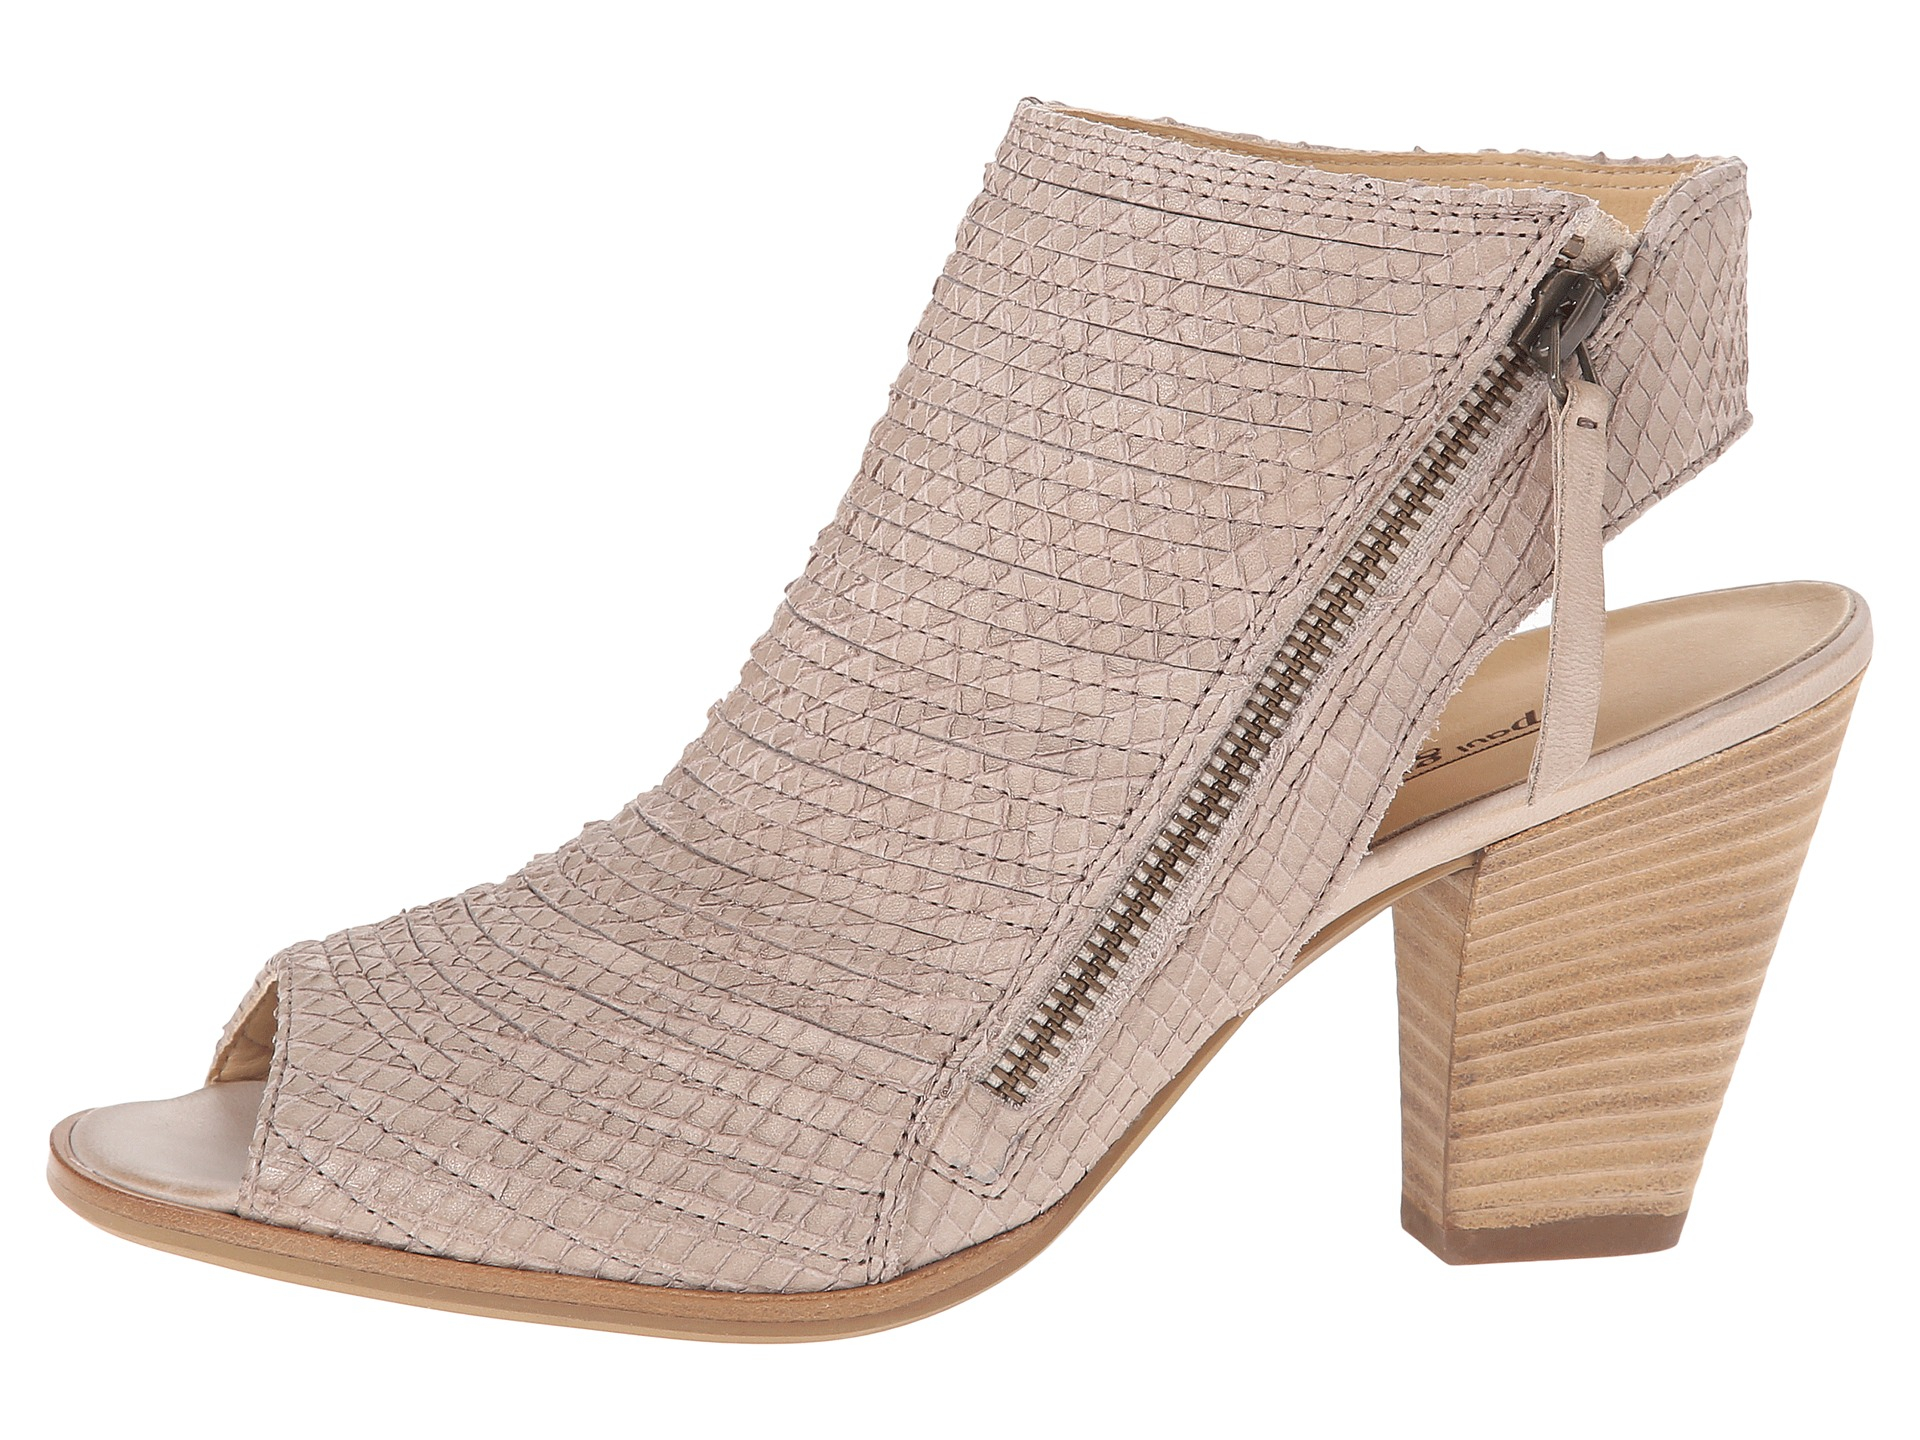 Paul Green Women'sAlexandra shoes onlin hot sale